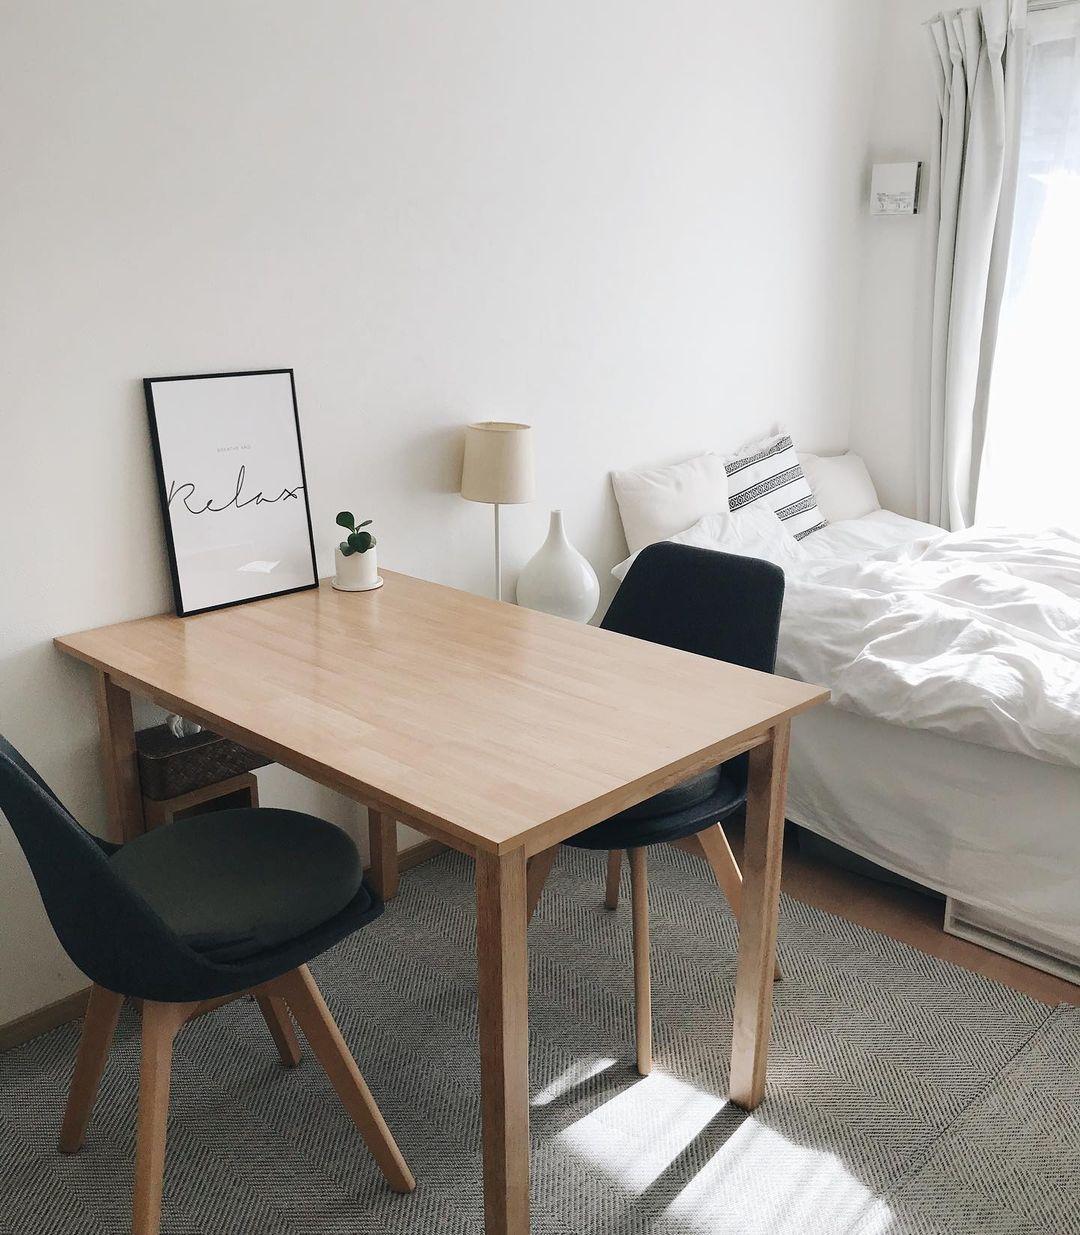 床やテーブルの上につい出しっぱなしにしてしまうものは、専用の置き場所をちゃんと作りましょう。床とテーブルに常にものがない状態を保つことで、暮らしやすく、生活感のないお部屋になります。